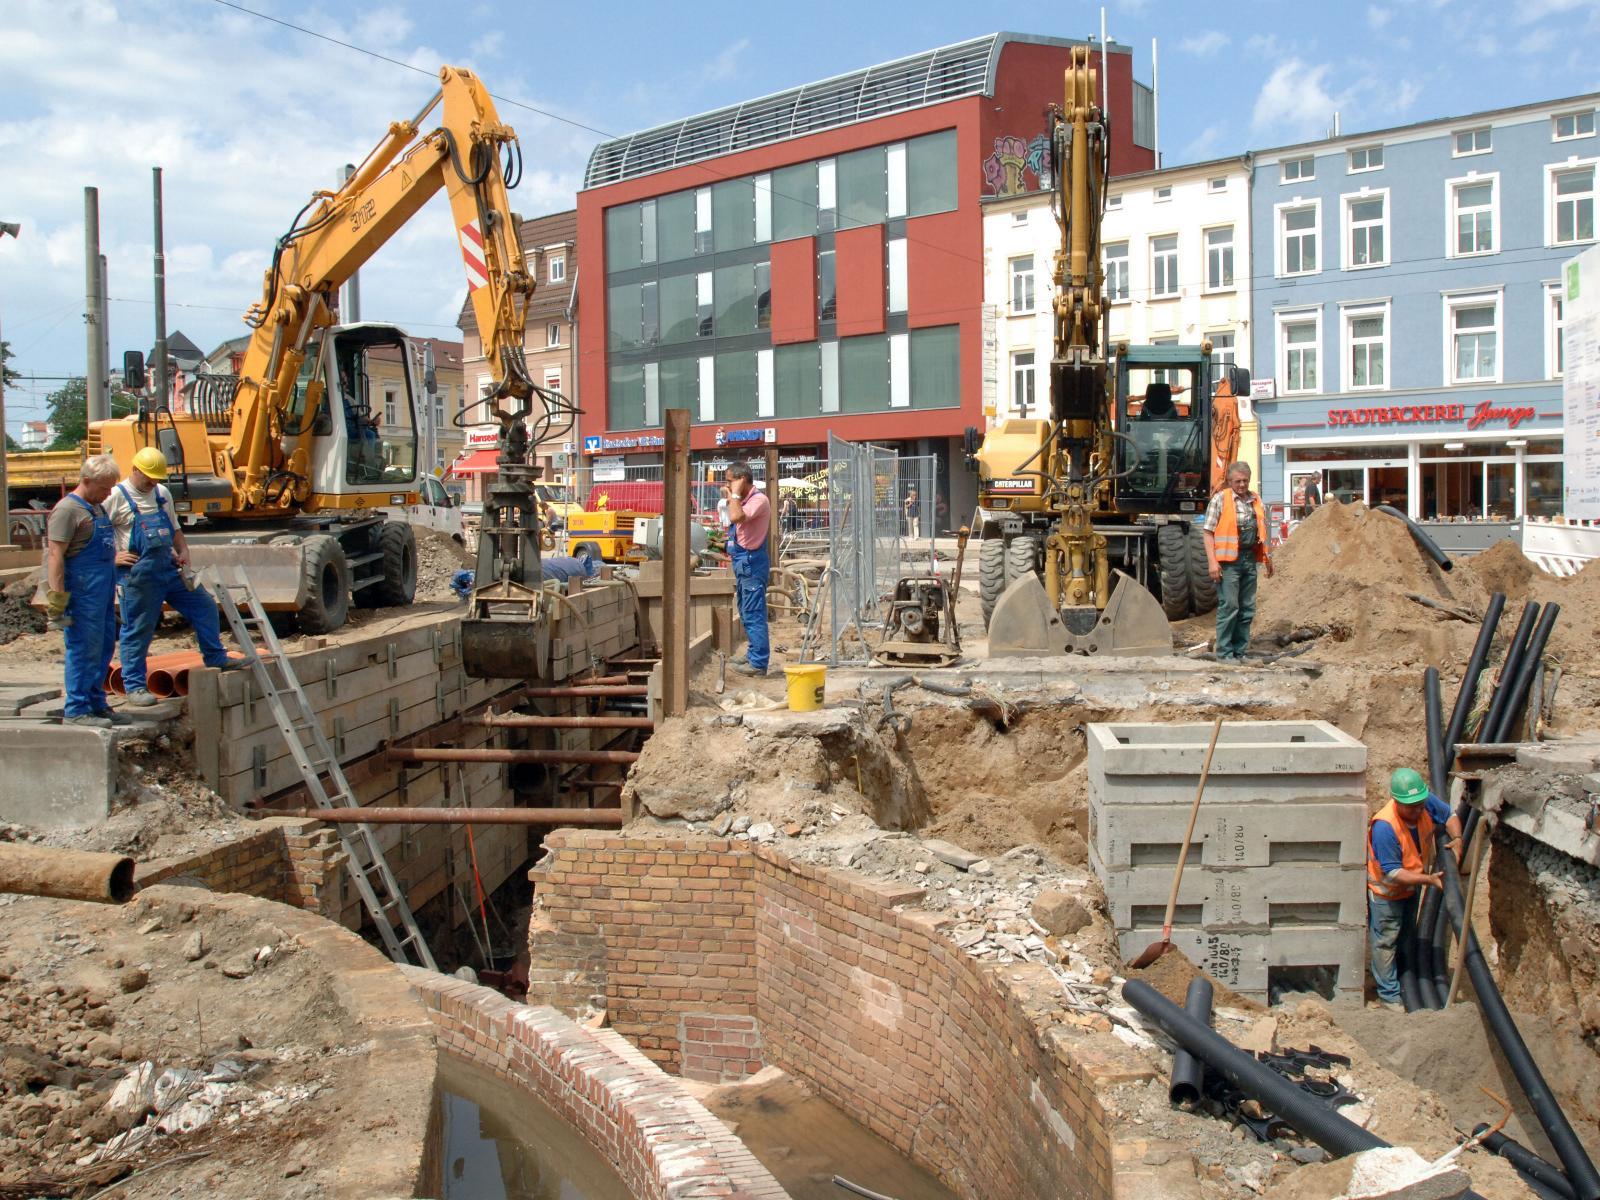 2006 - Wir verbessern kontinuierlich die Infrastruktur der Stadt wie hier am Doberaner Platz.